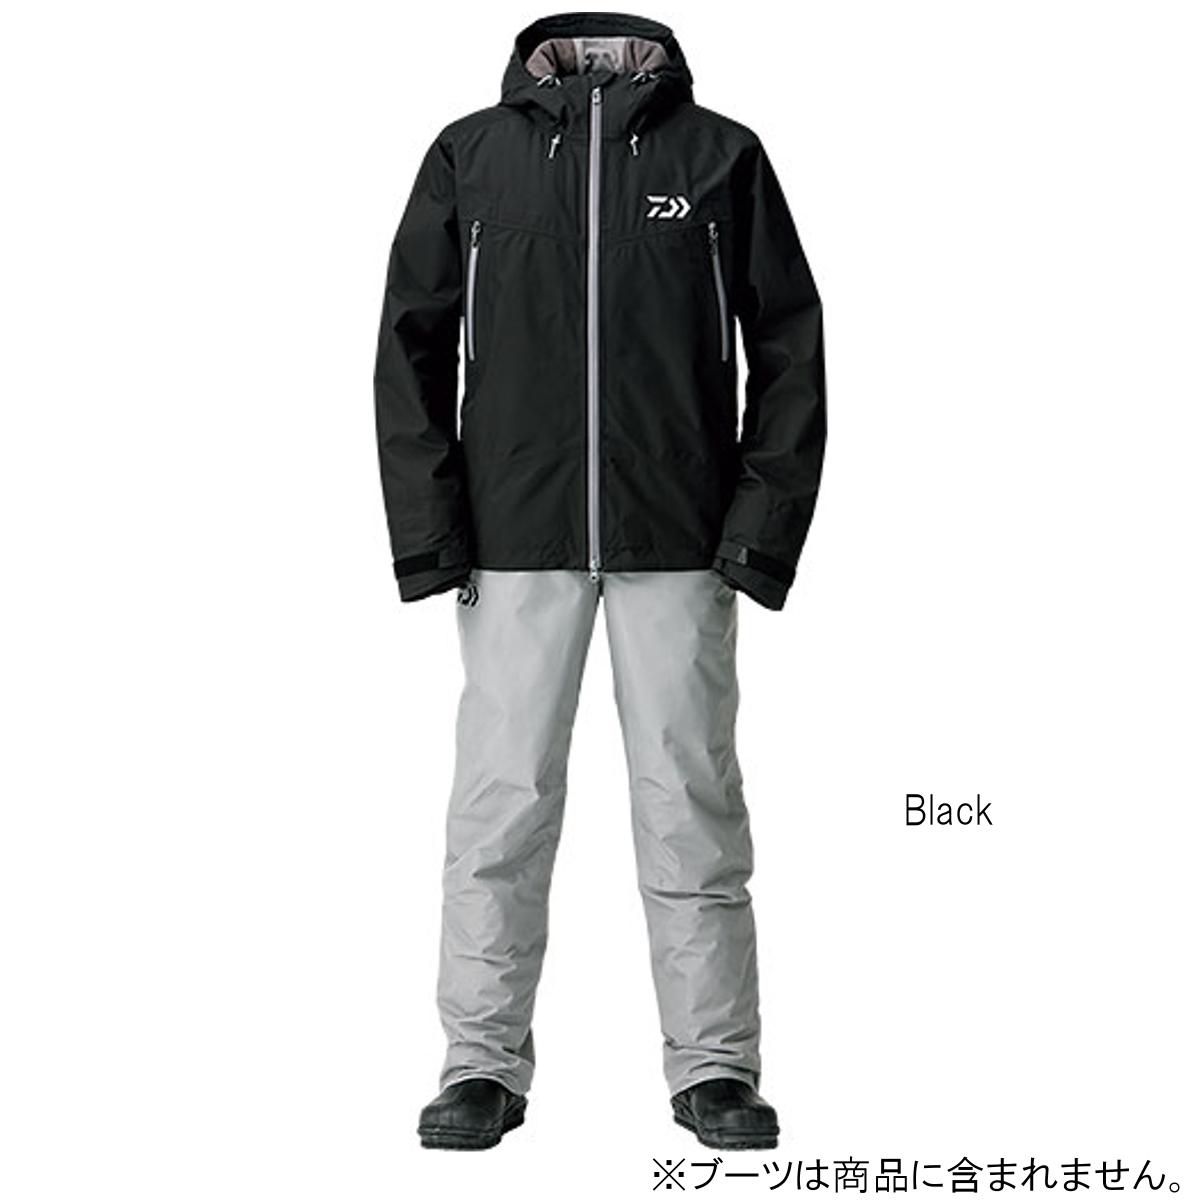 ダイワ ゴアテックス ファブリクス ウィンタースーツ DW-1908 2XL Black(東日本店)